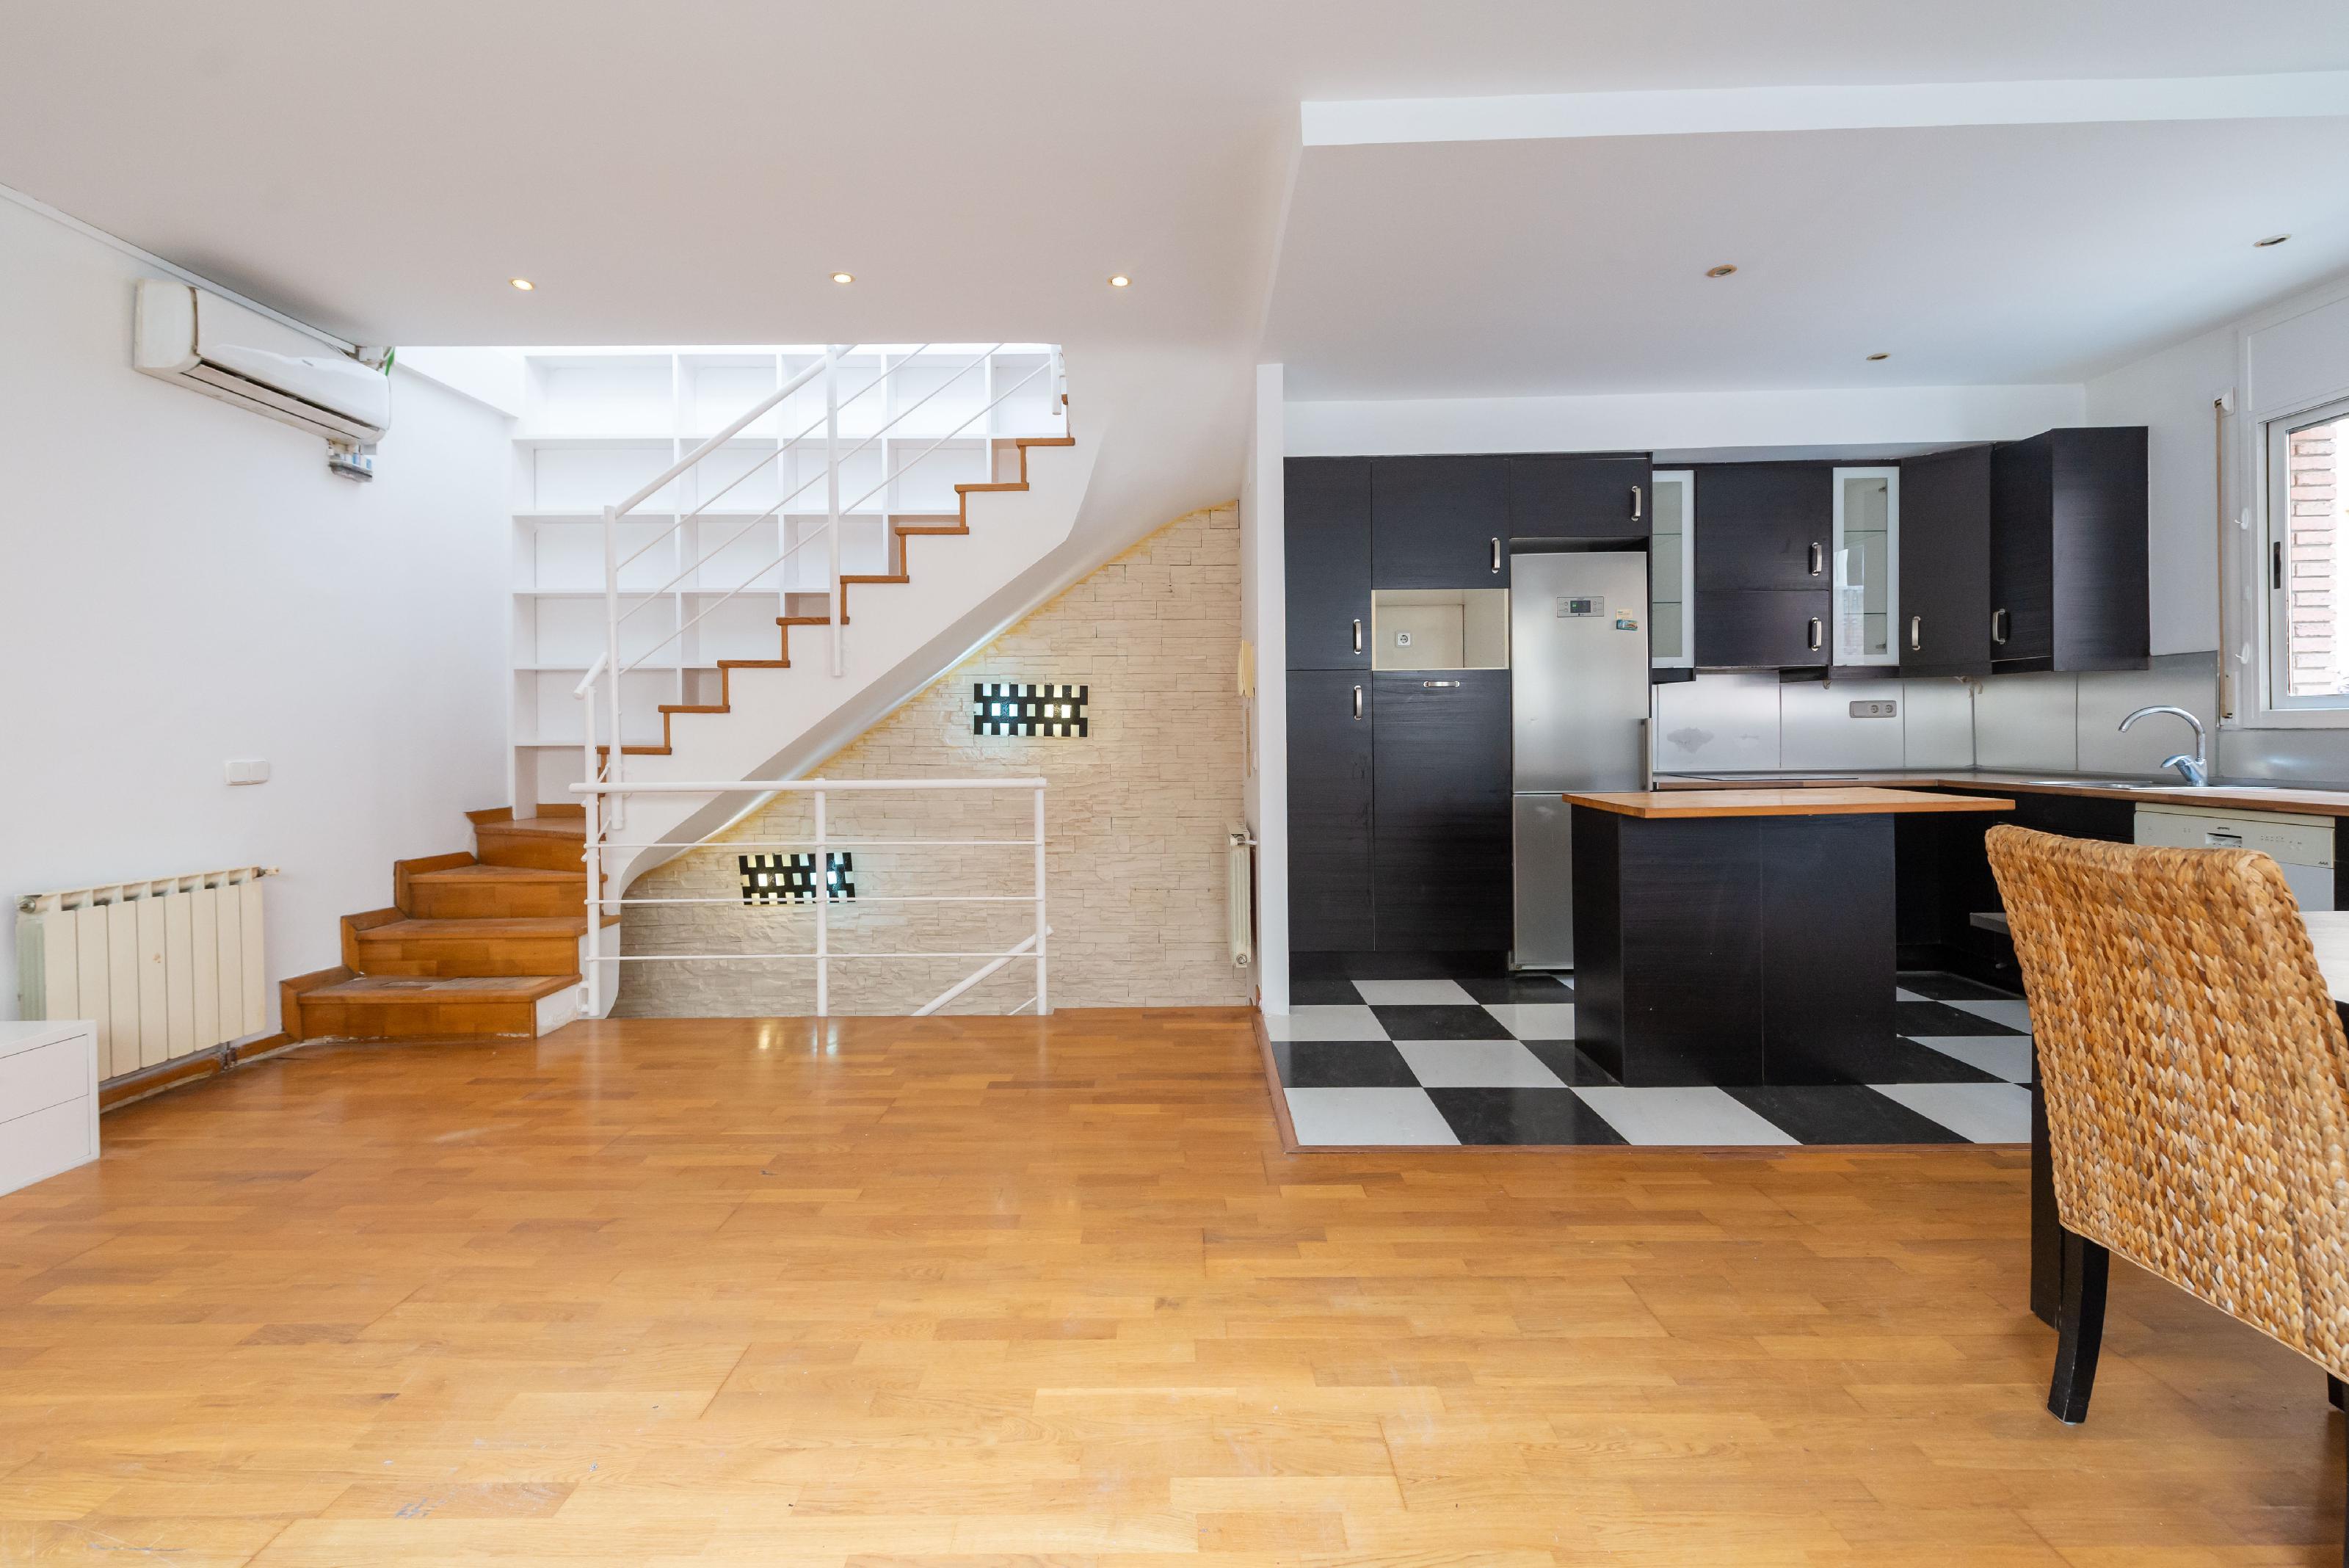 249634 House for sale in Gràcia, Vila de Gràcia 7